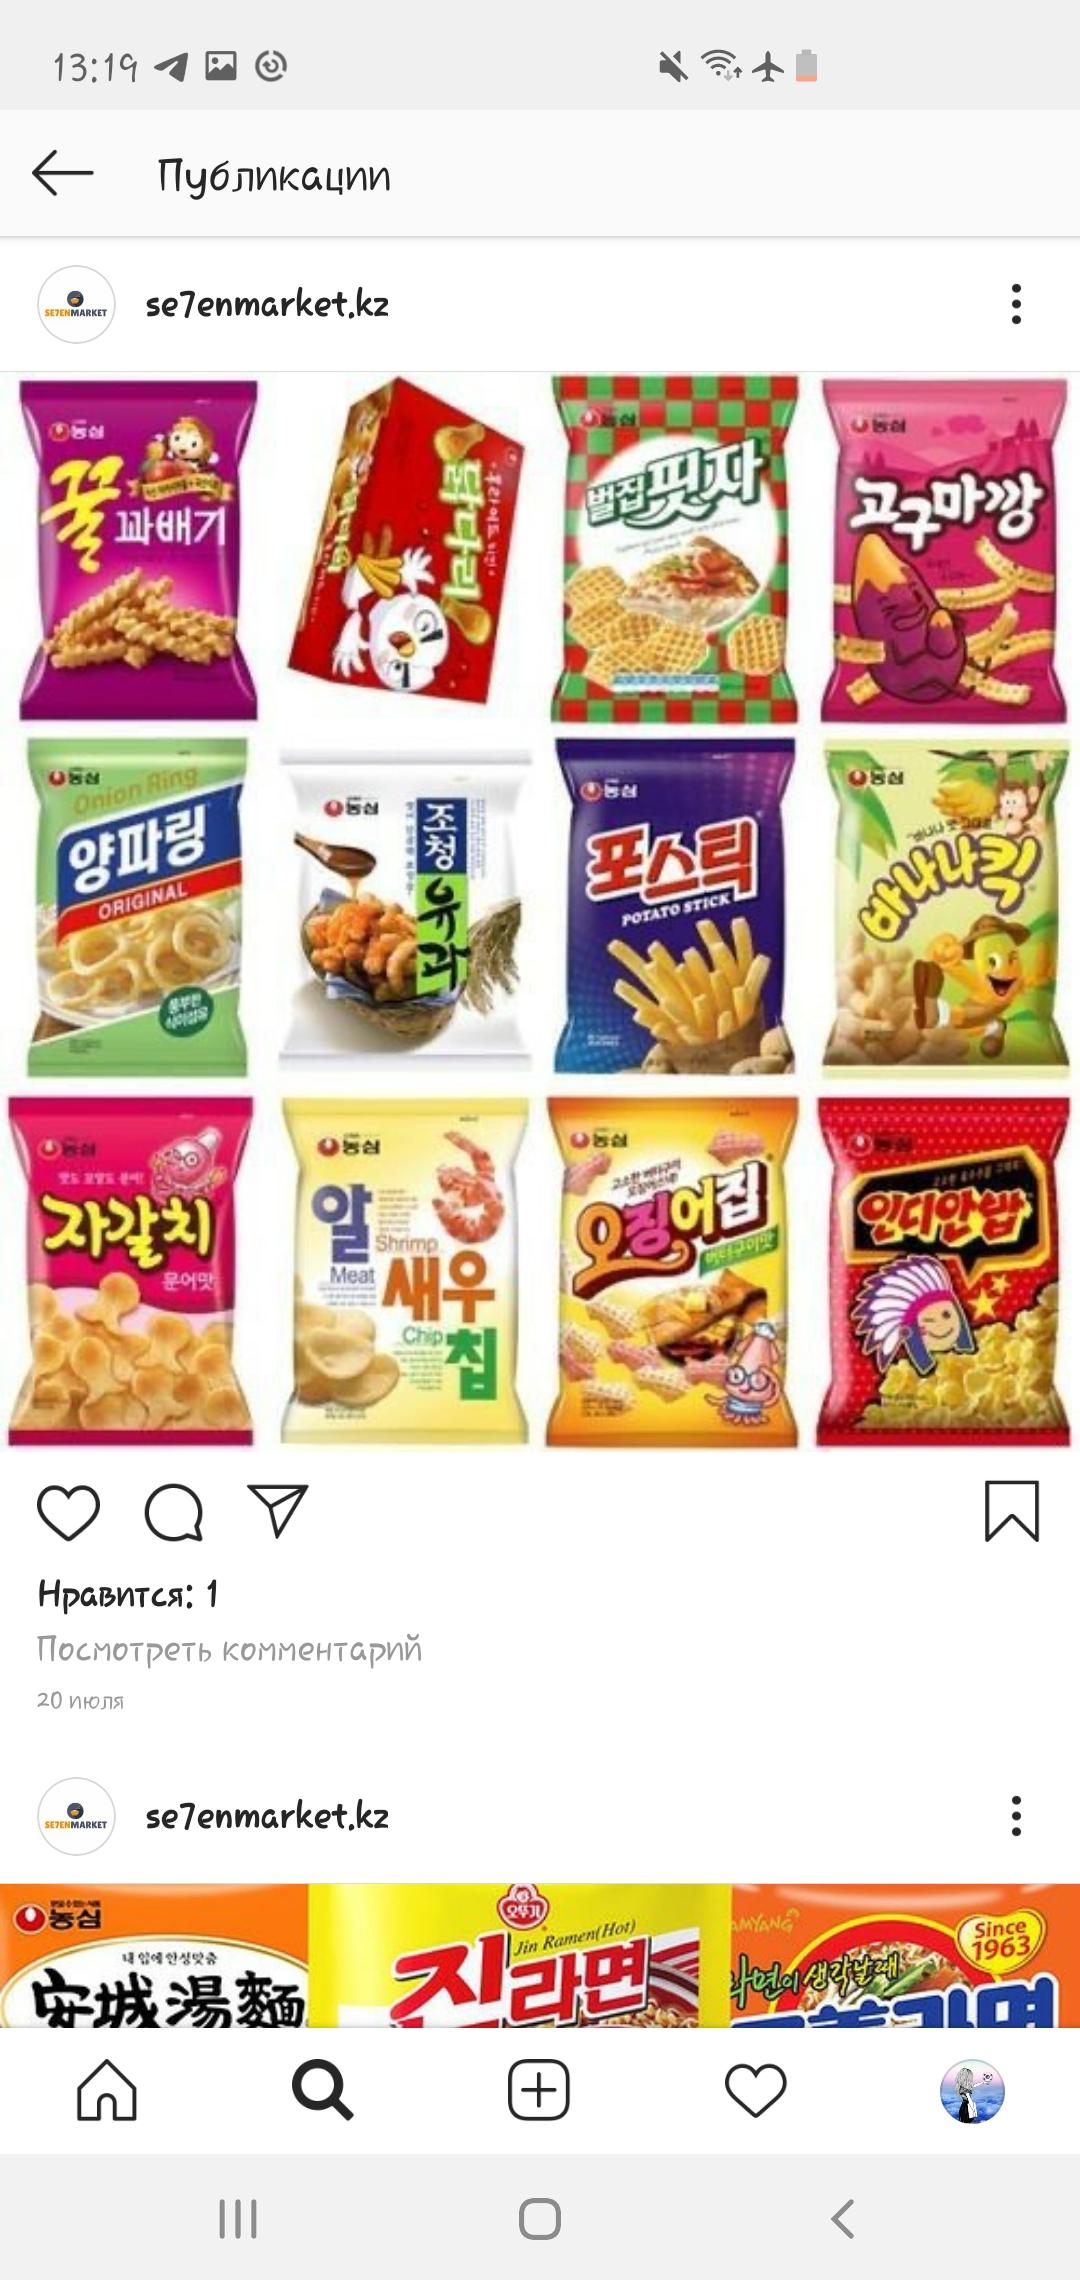 <p>Здравствуйте!</p>  <p>Закупаем корейские продукты питания (рамёны, кимчи в консервах, чипсы,&nbsp;сушёный батат, морскую капусту,&nbsp;водоросли, ким, и т. д.)&nbsp;Примерный объём - для первого закупа 1000 $ , последующие закупы уже будут крупными партиями.&nbsp;</p>  <p>Будем рады сотрудничеству 🌸</p>